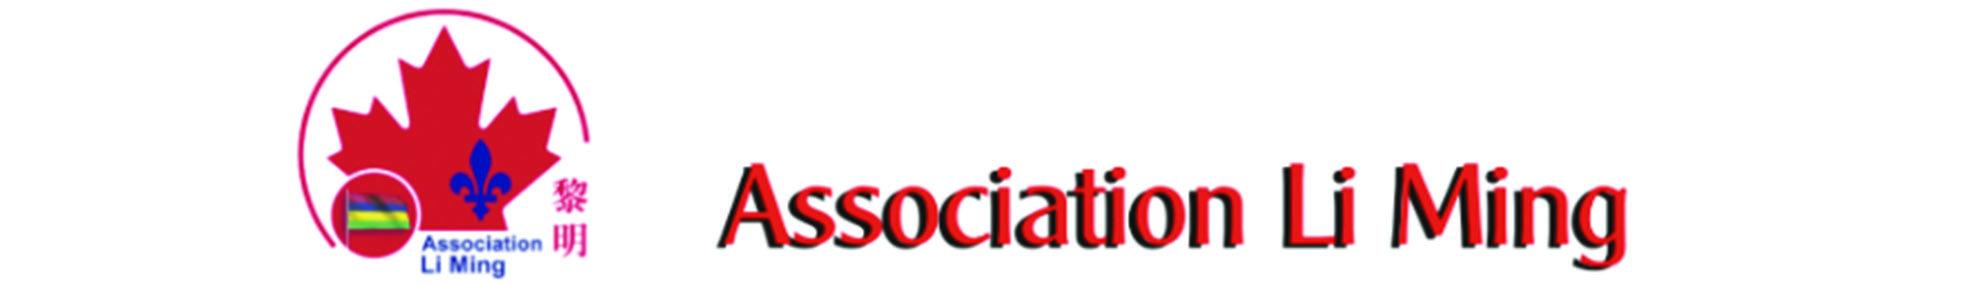 Association Li Ming